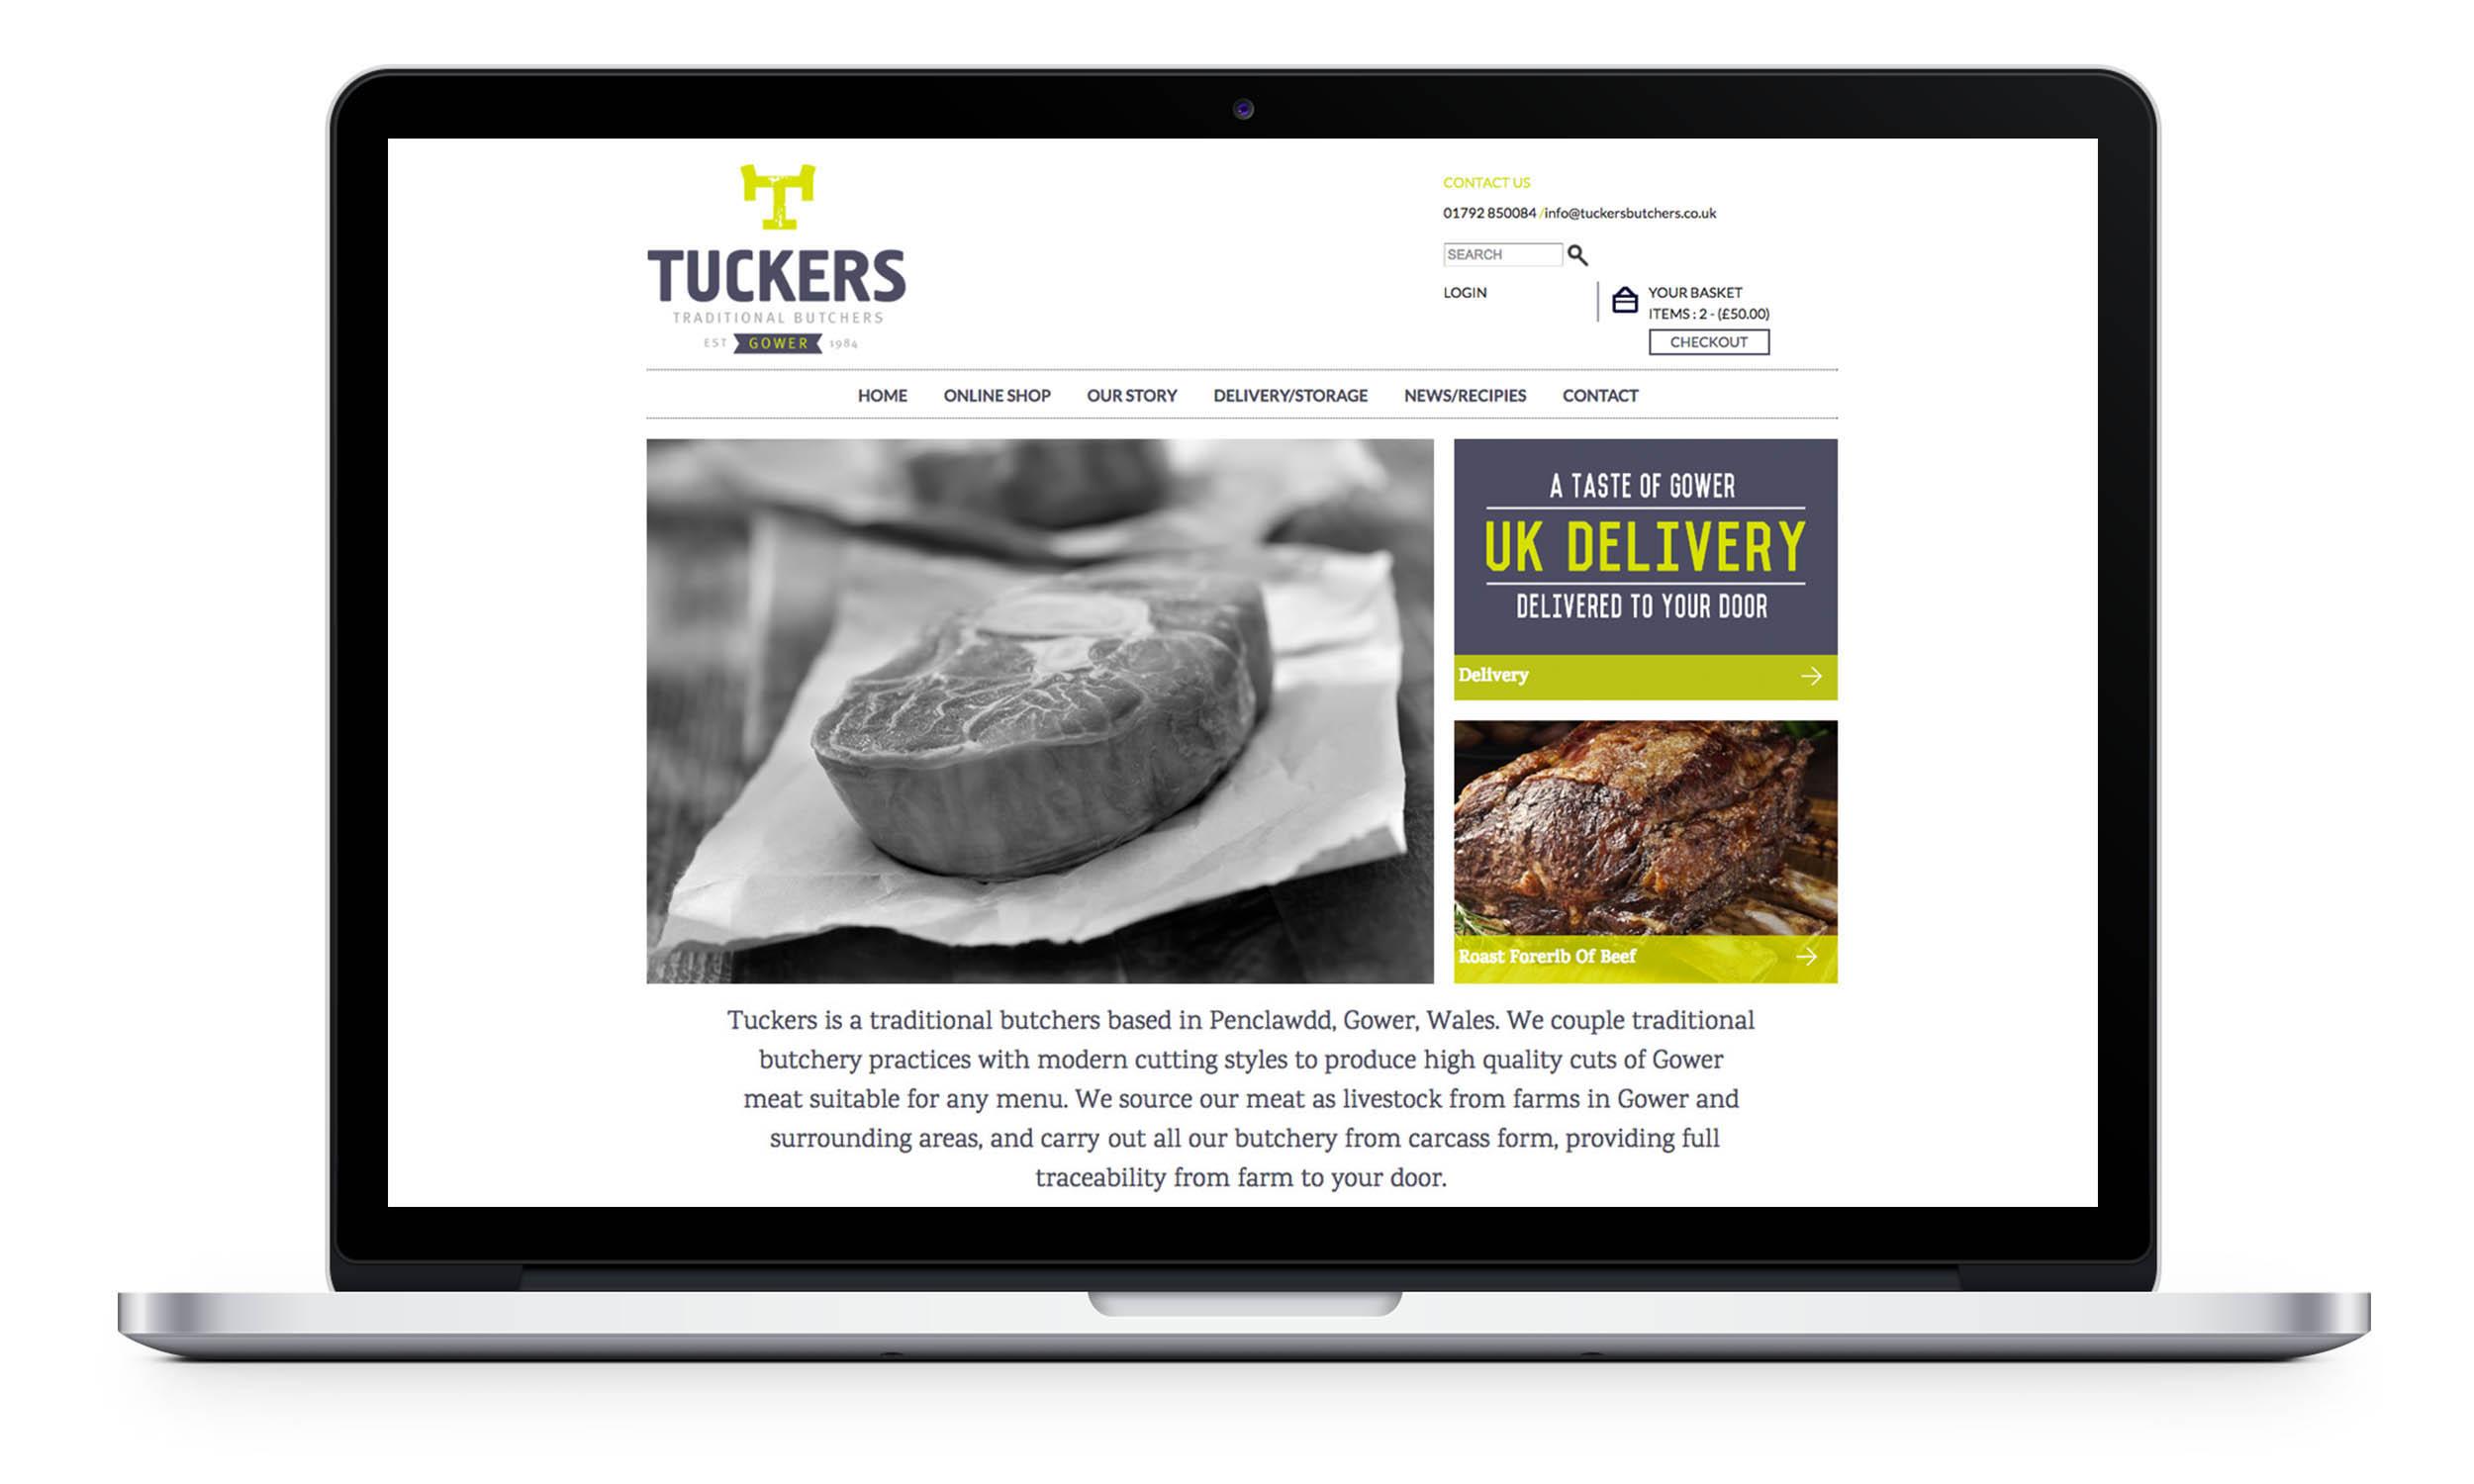 tuckers-mac-3.jpg